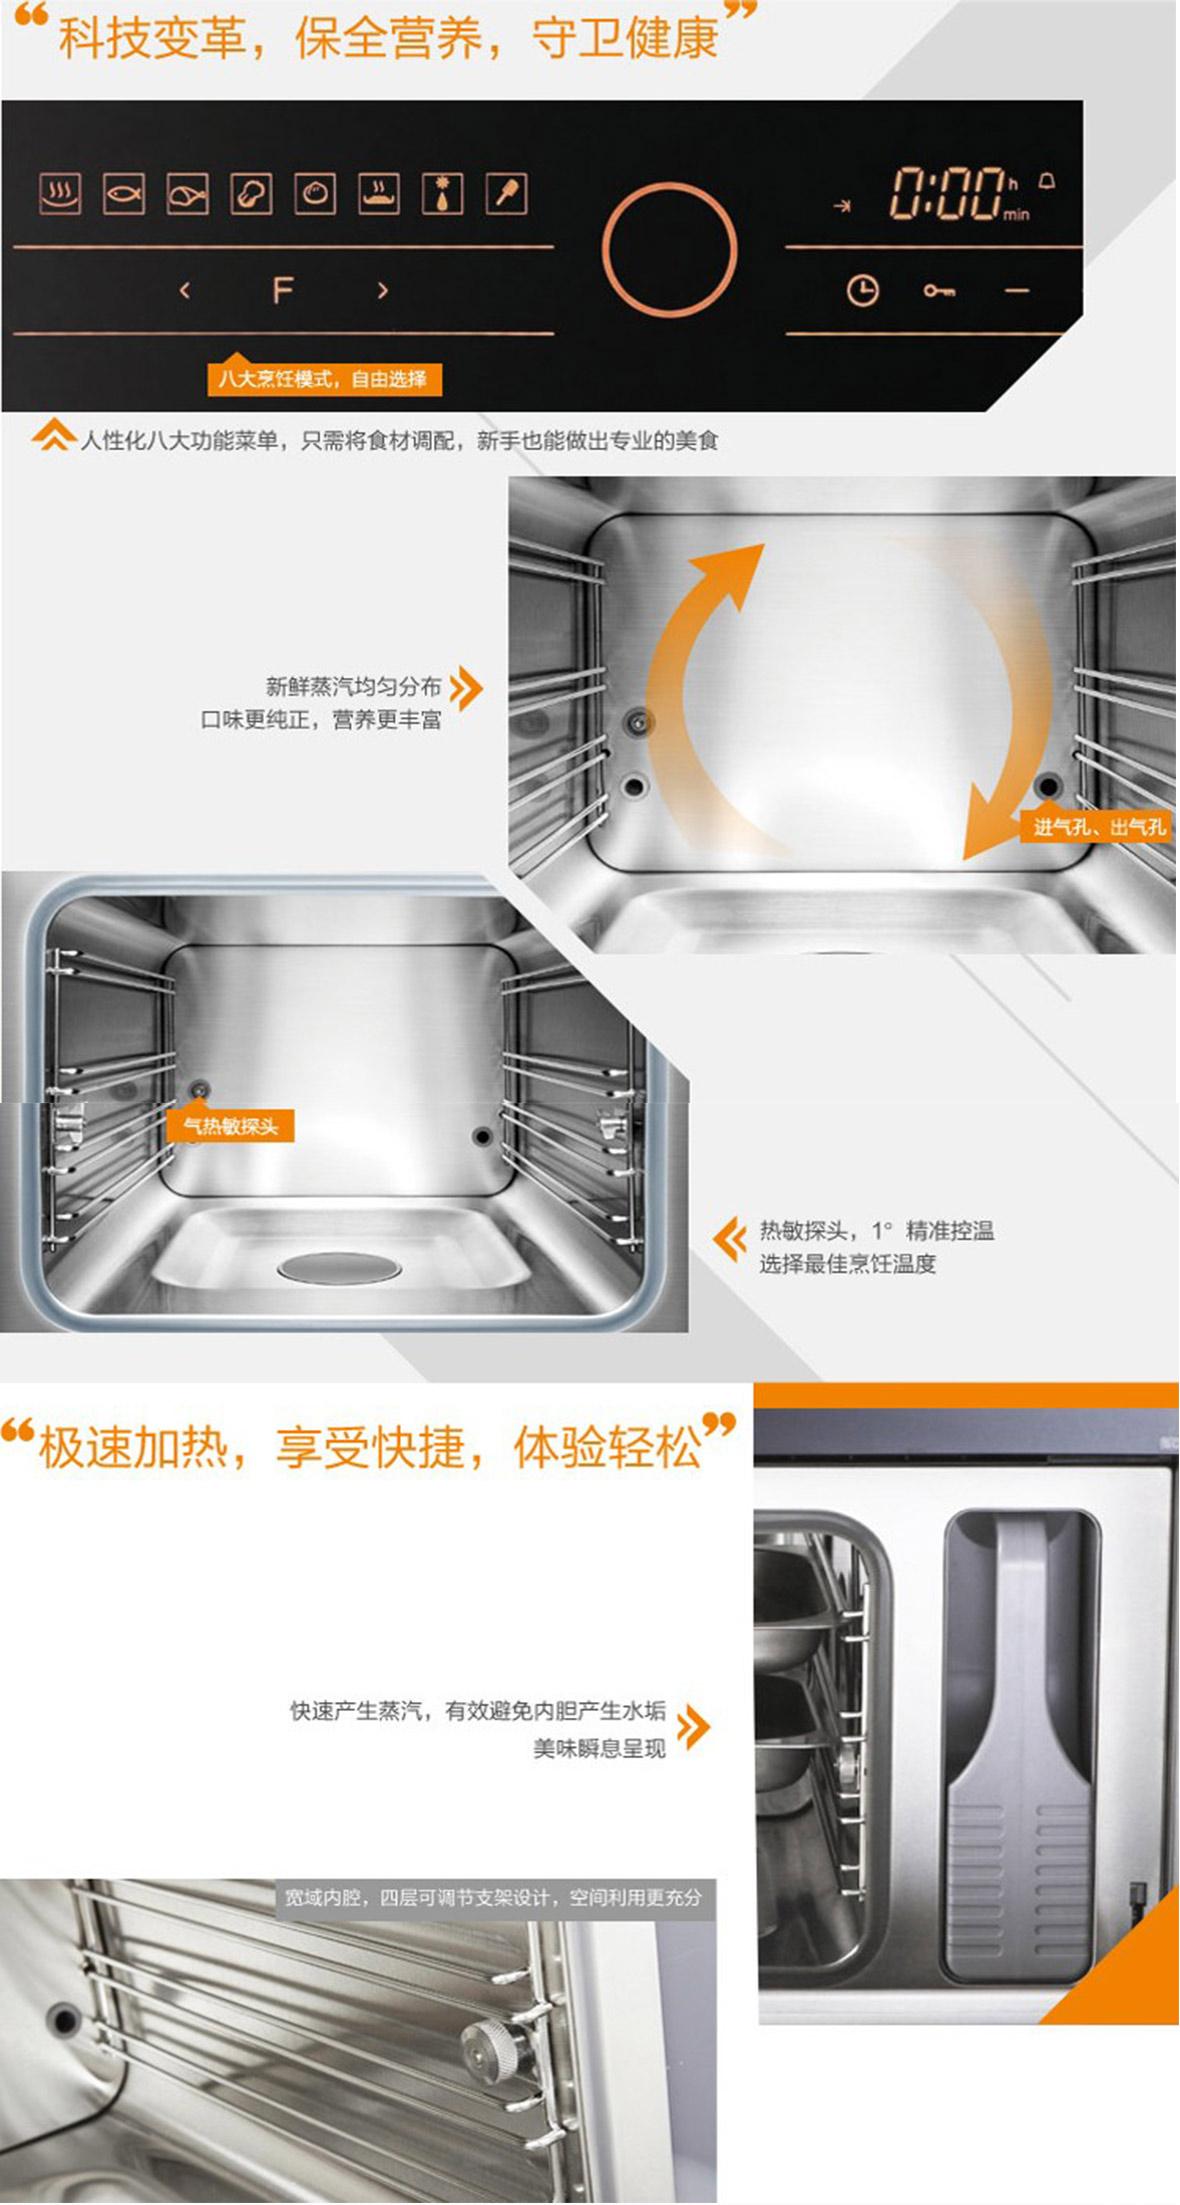 方太蒸箱 嵌入式 触摸式控制 下拉门 SCD26-C2S型号